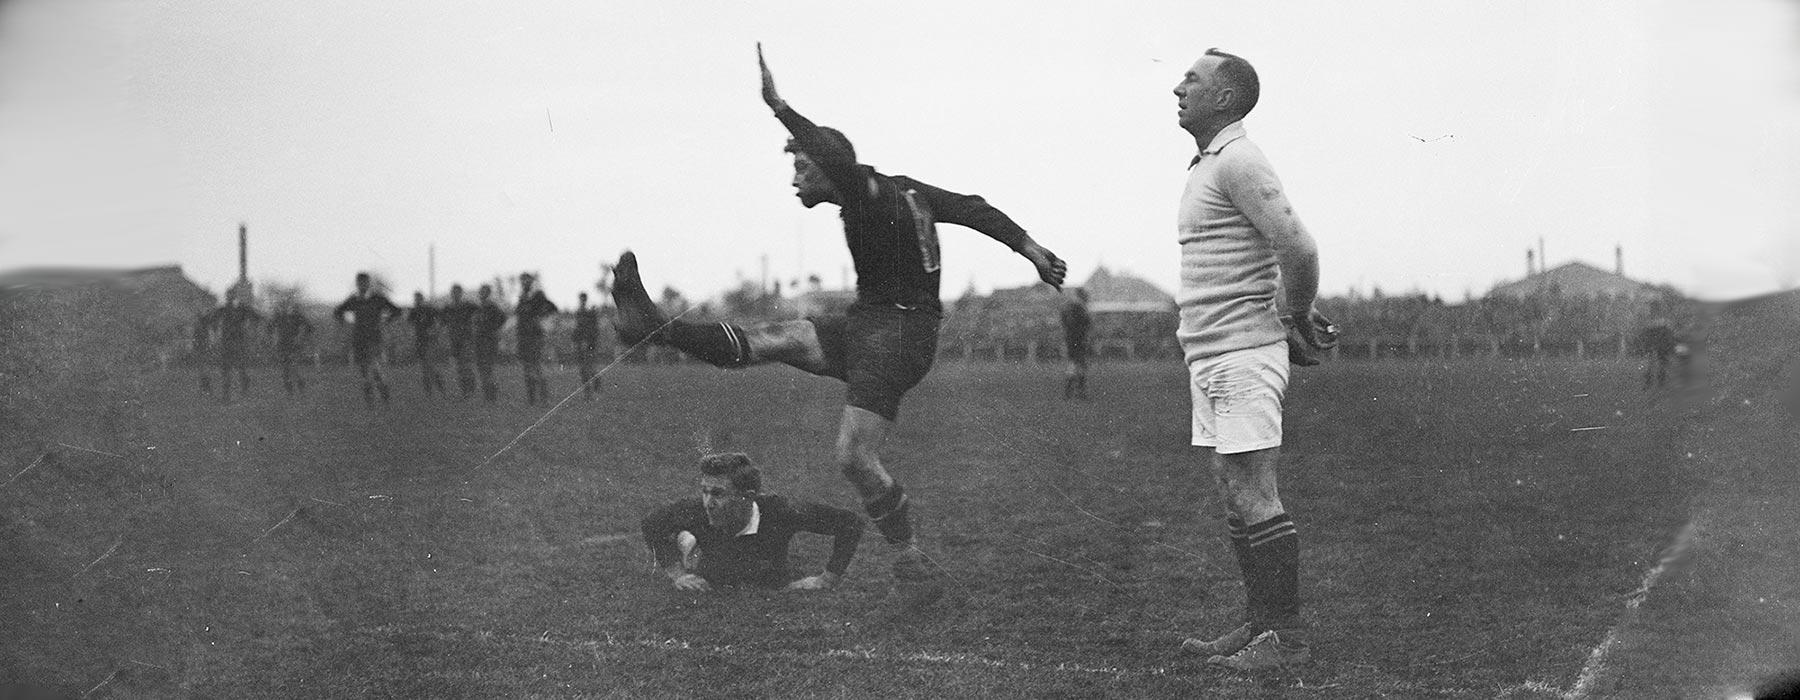 Man kicking ball